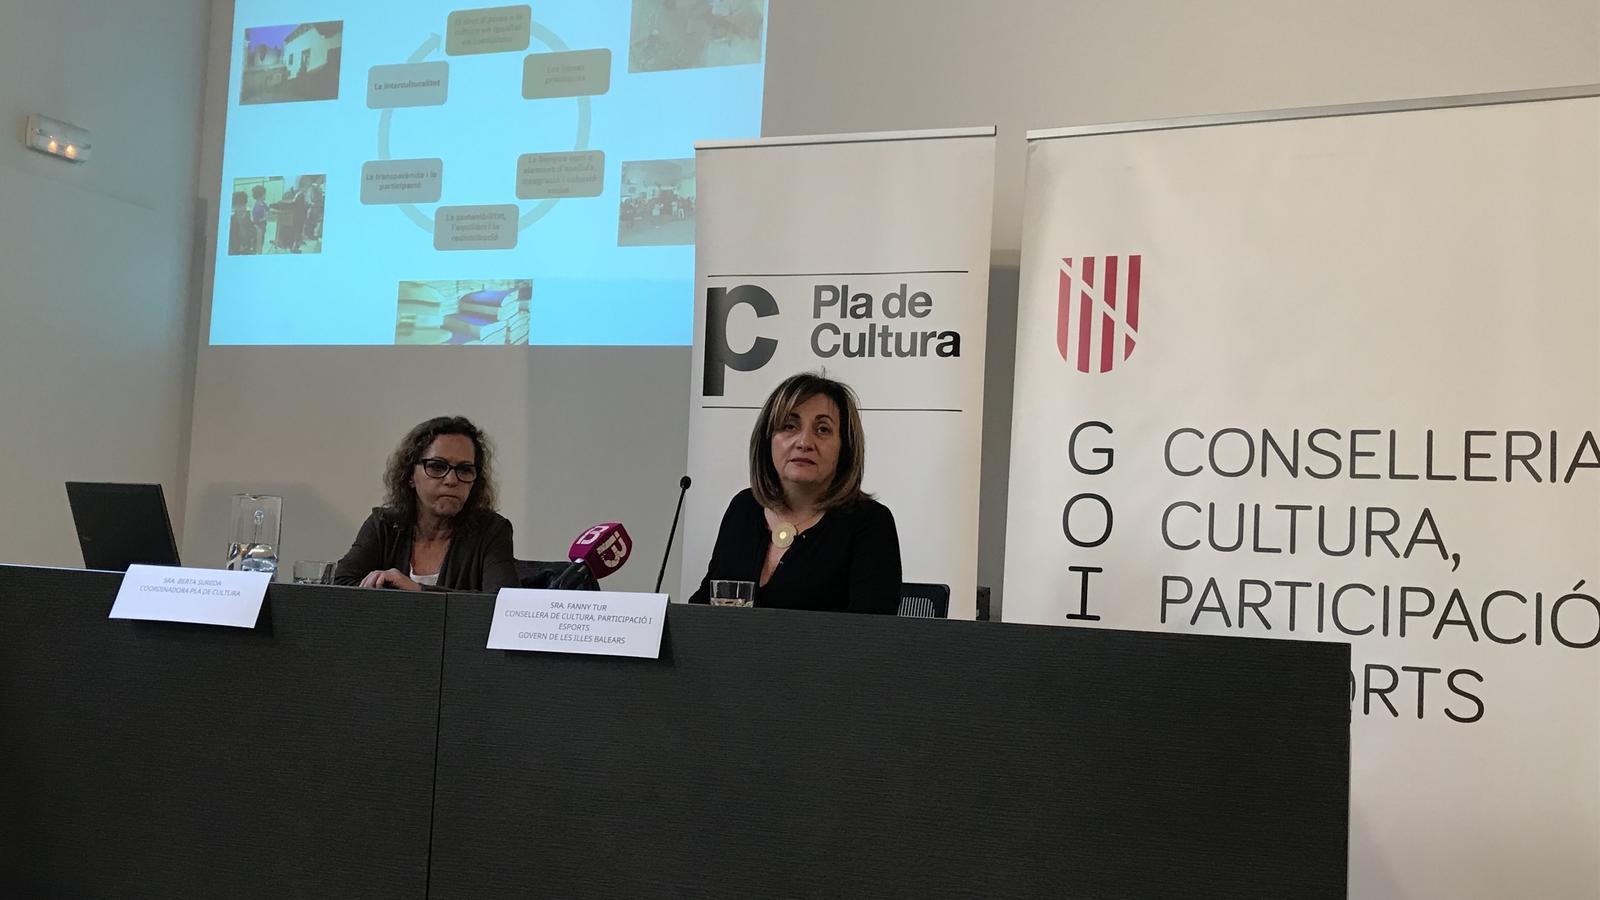 Berta Sureda i Fanny Tur presentant el document final del Pla de Cultura